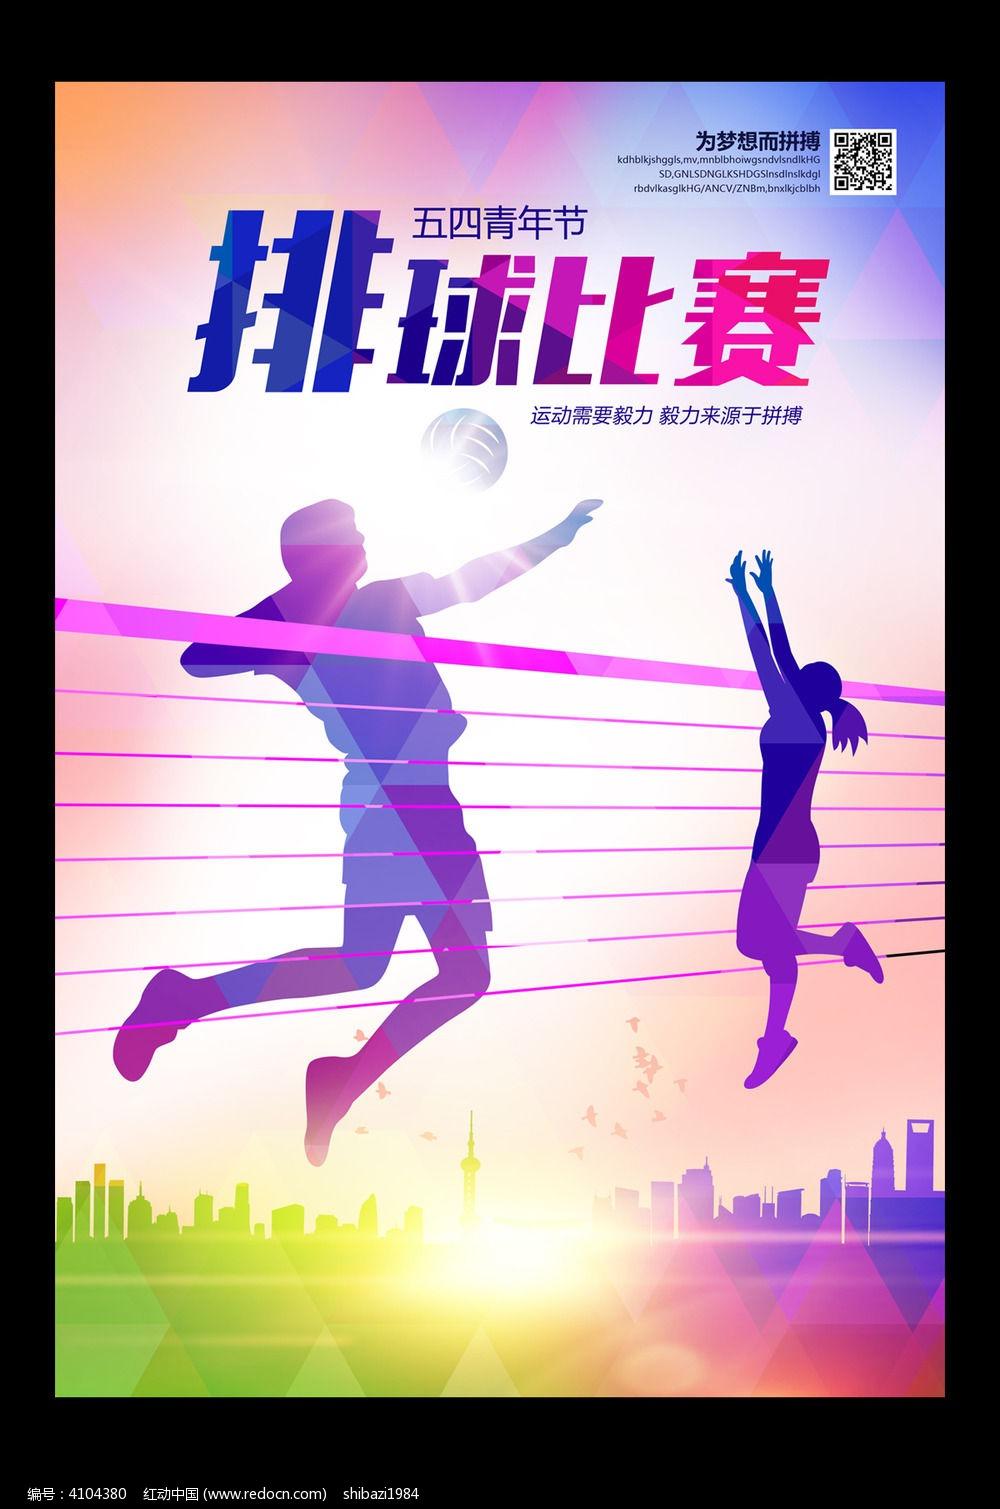 7款 创意排球比赛设计海报 psd素材下载